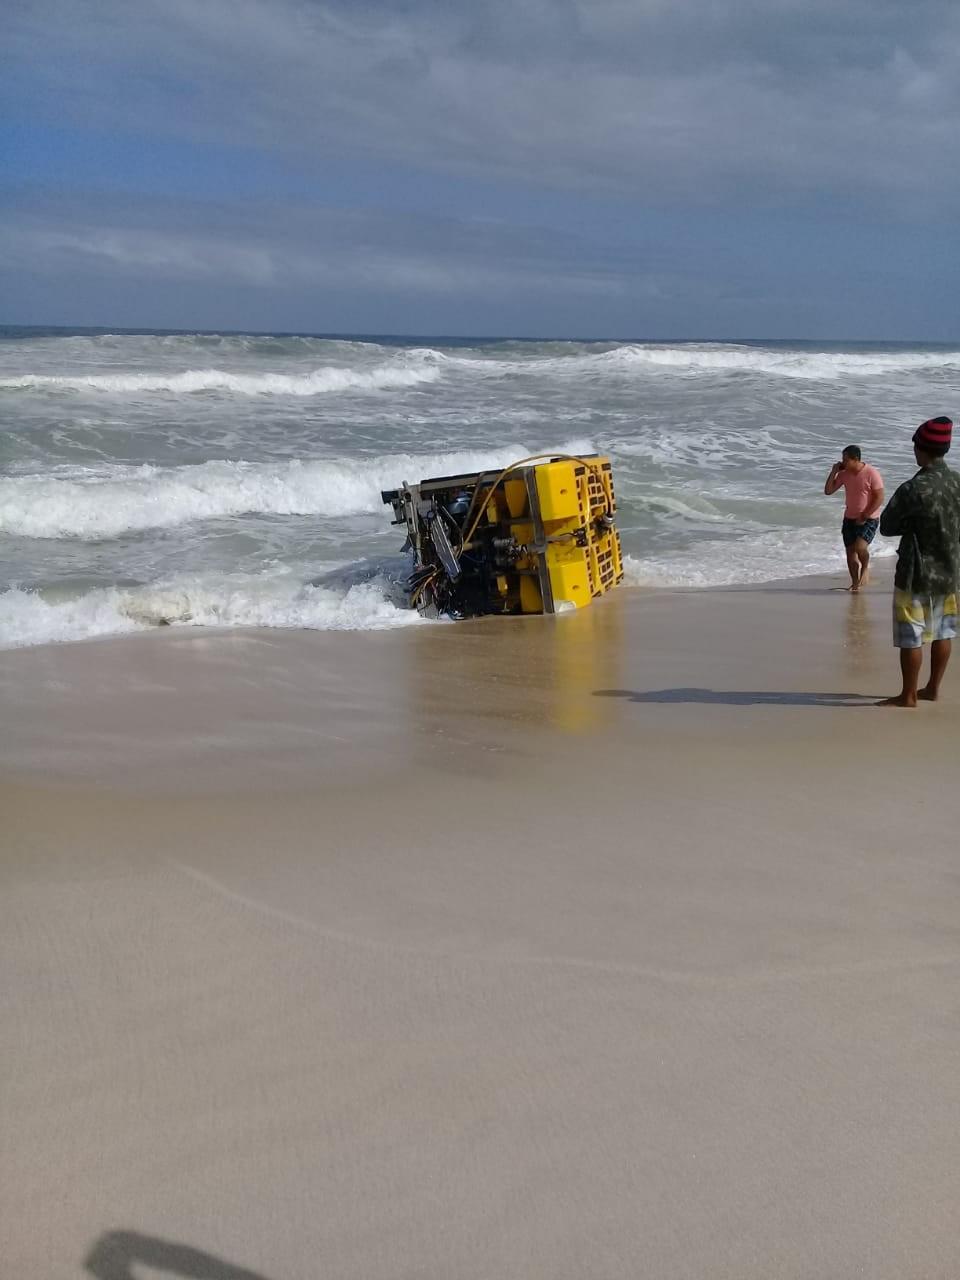 Robô submarino é arrastado pela força da ressaca até praia no litoral do RJ - Notícias - Plantão Diário